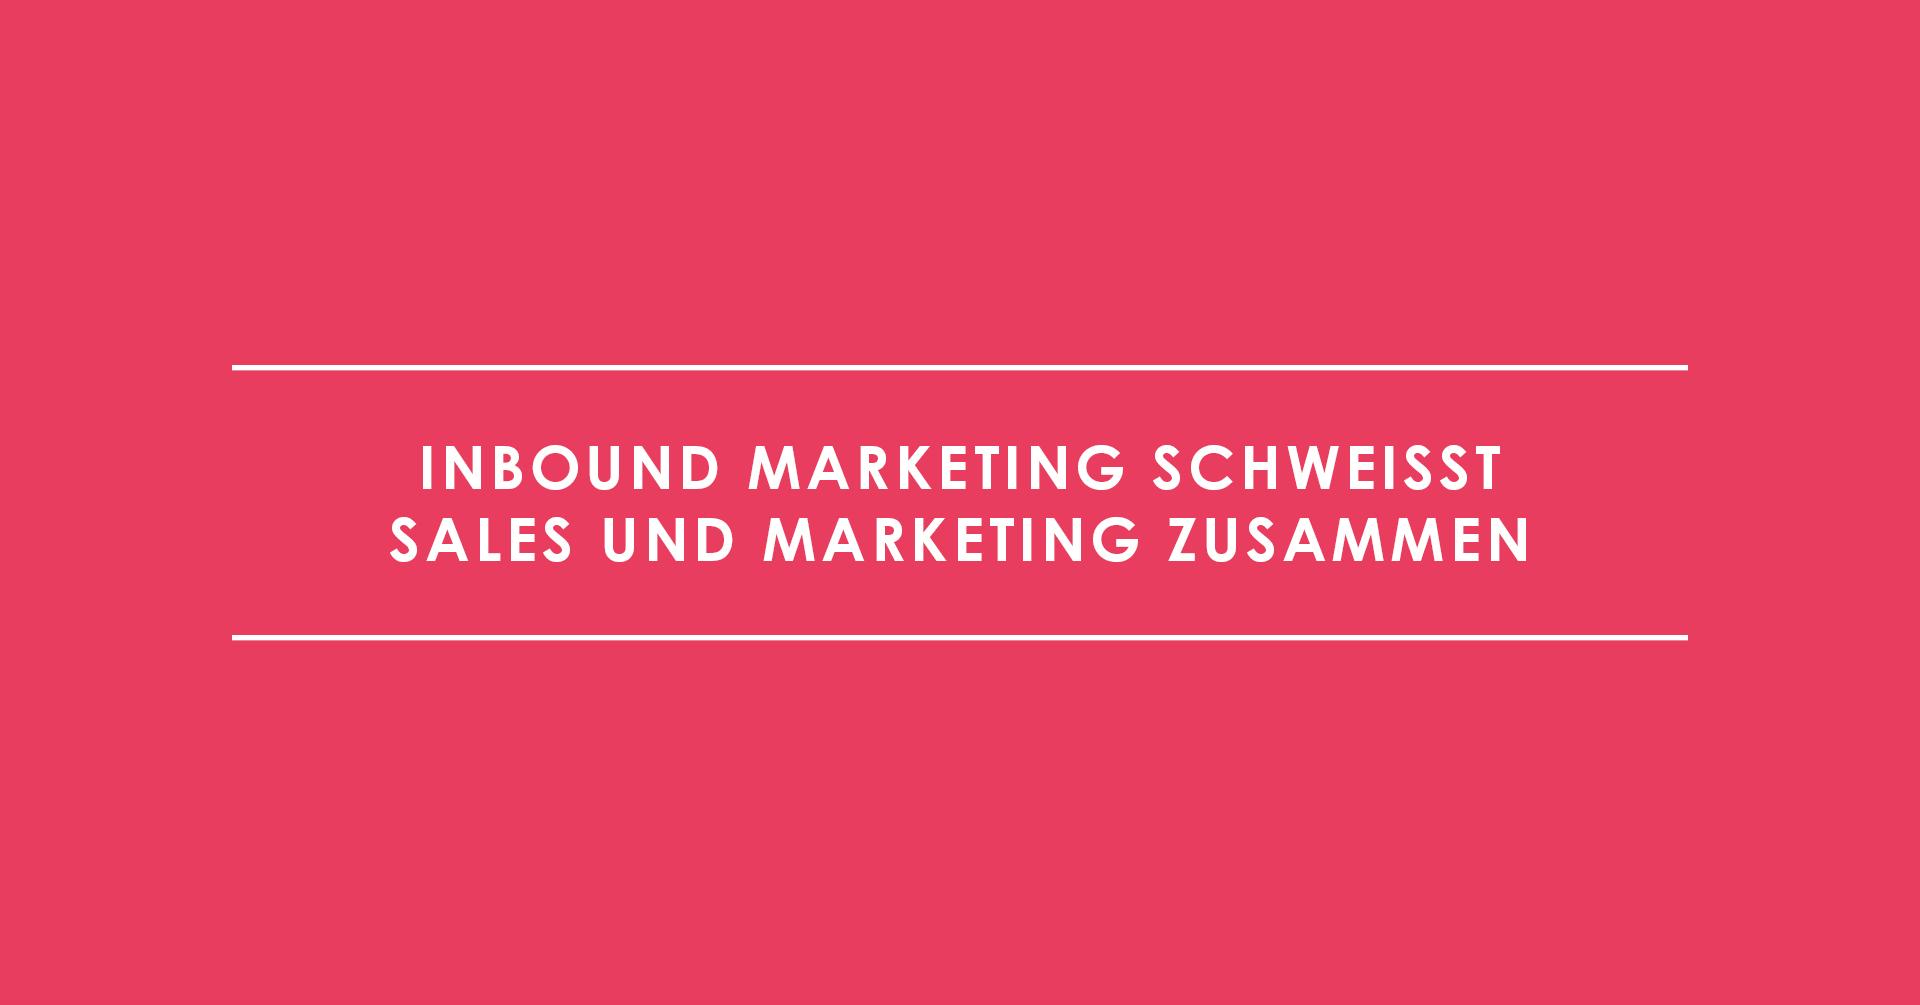 Inbound Marketing schweißt Sales und Marketing zusammen